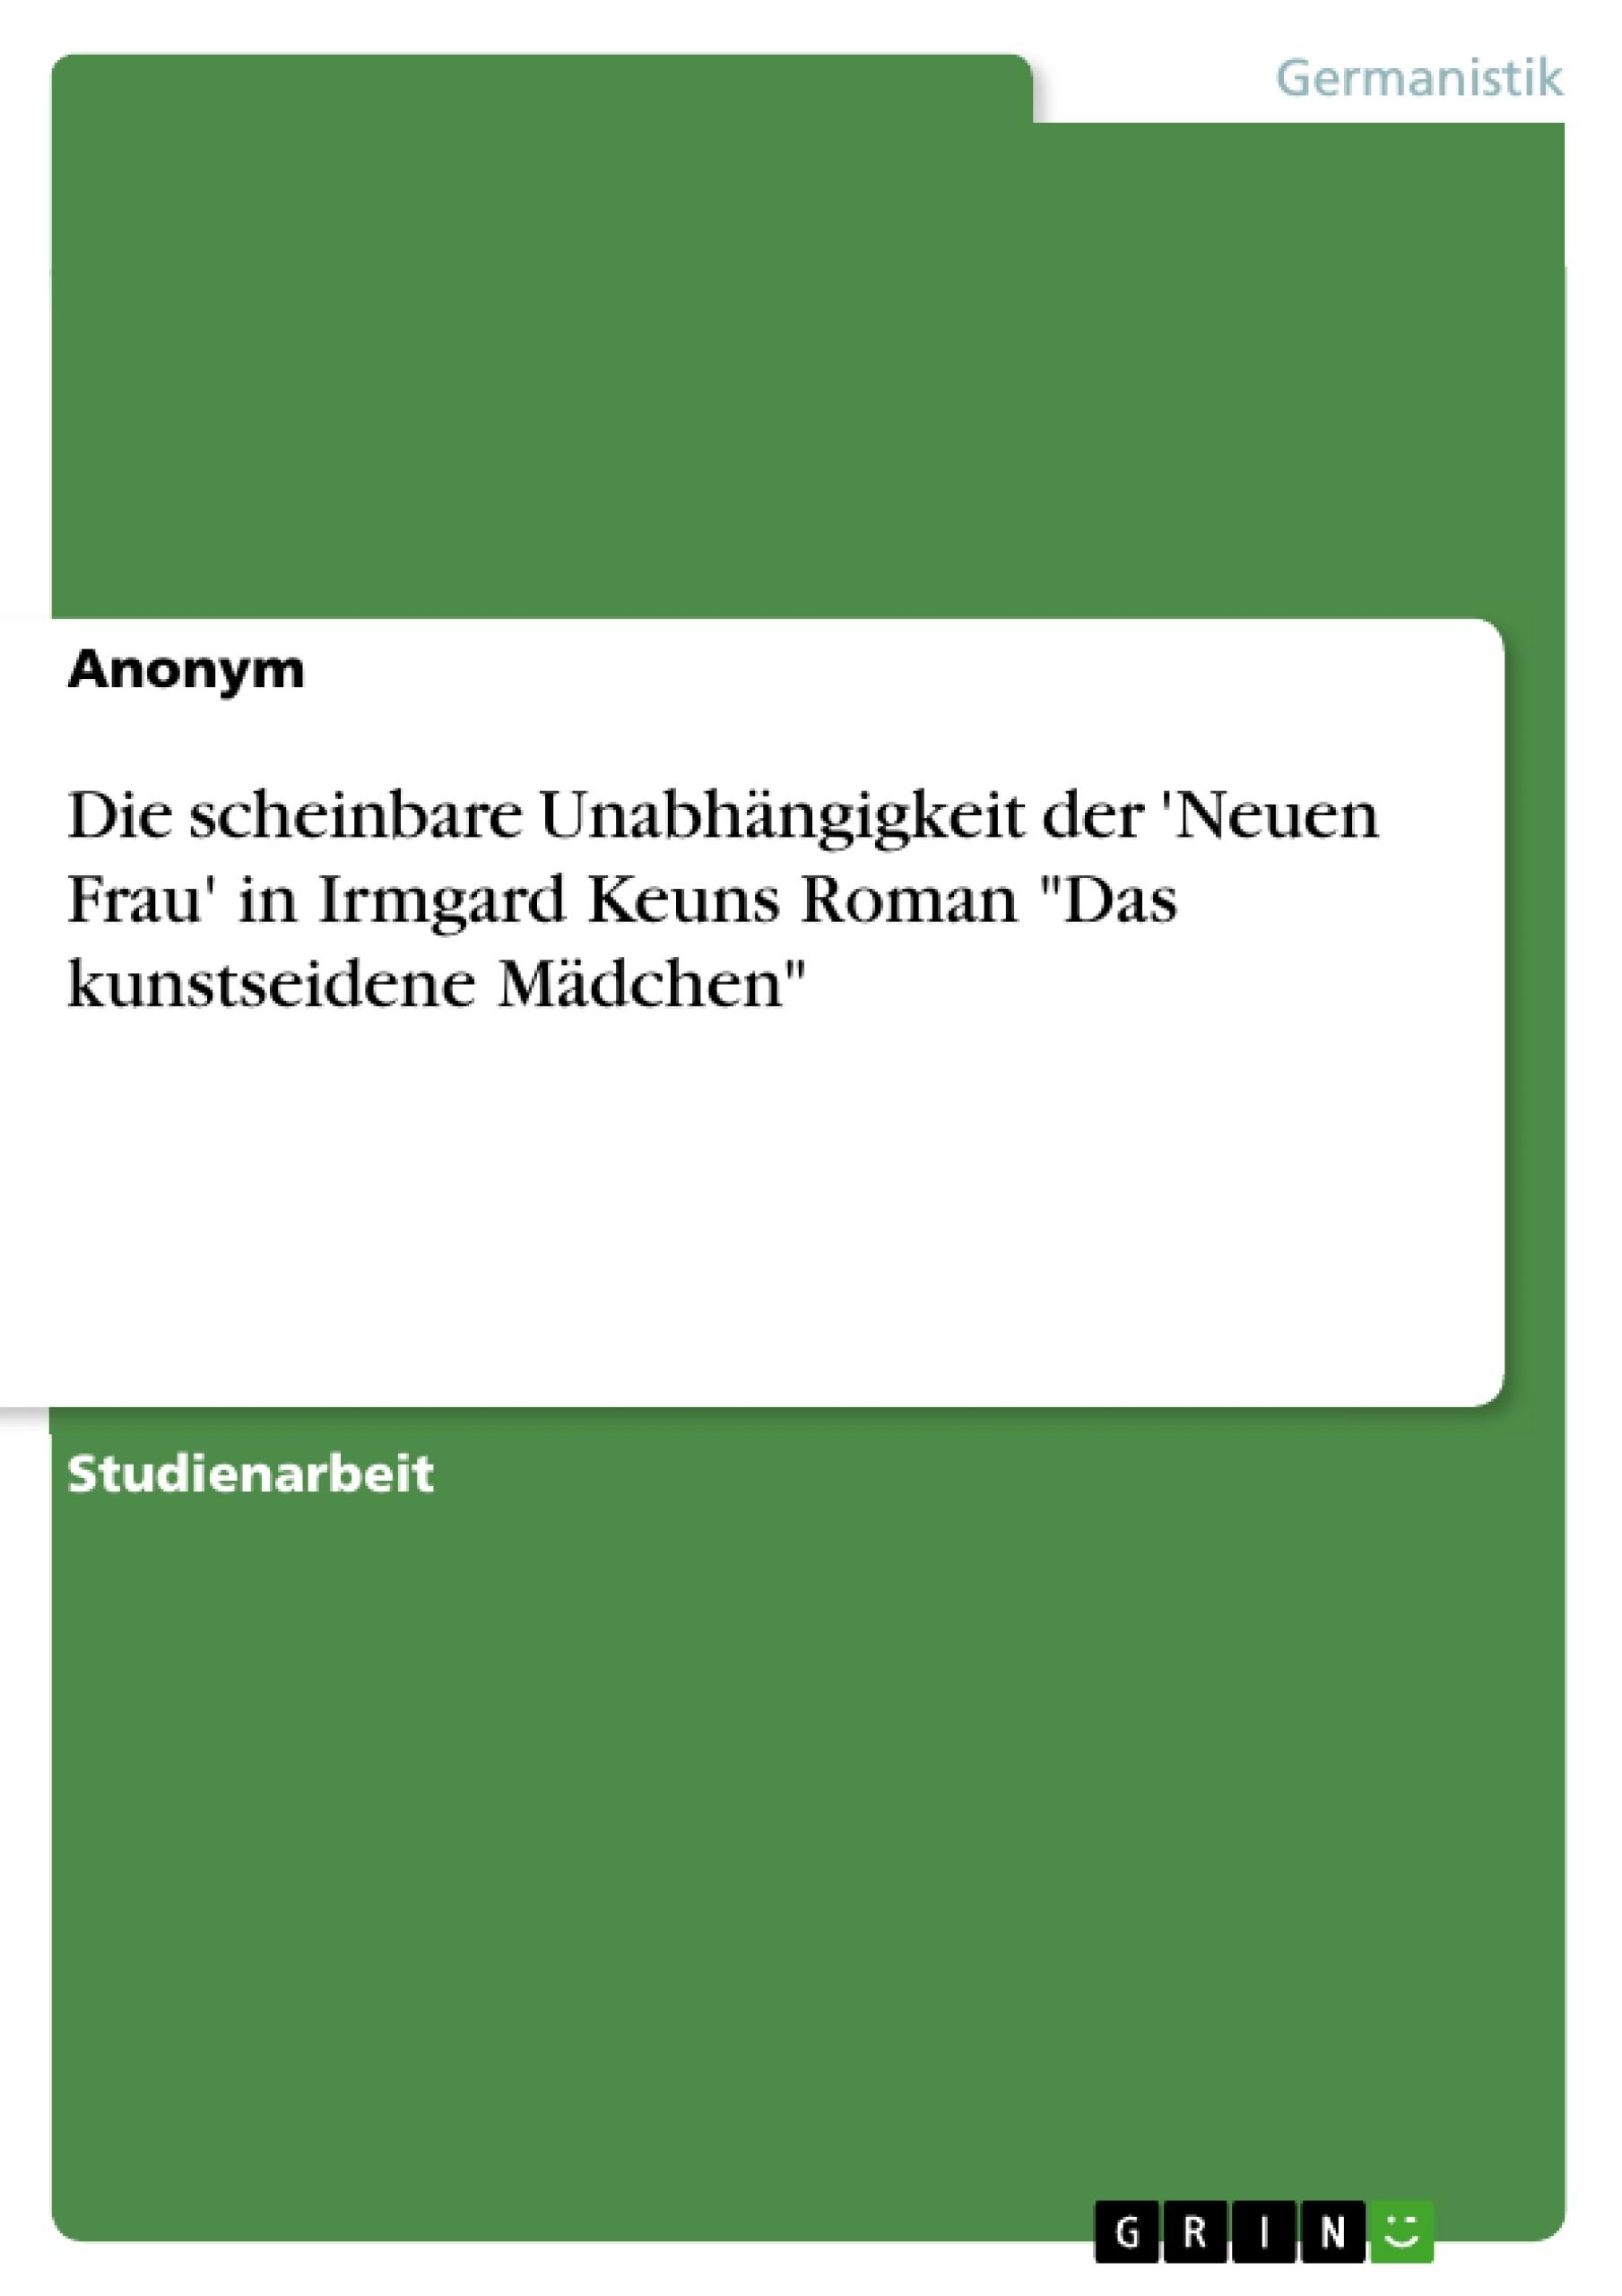 """Titel: Die scheinbare Unabhängigkeit der 'Neuen Frau' in Irmgard Keuns Roman """"Das kunstseidene Mädchen"""""""